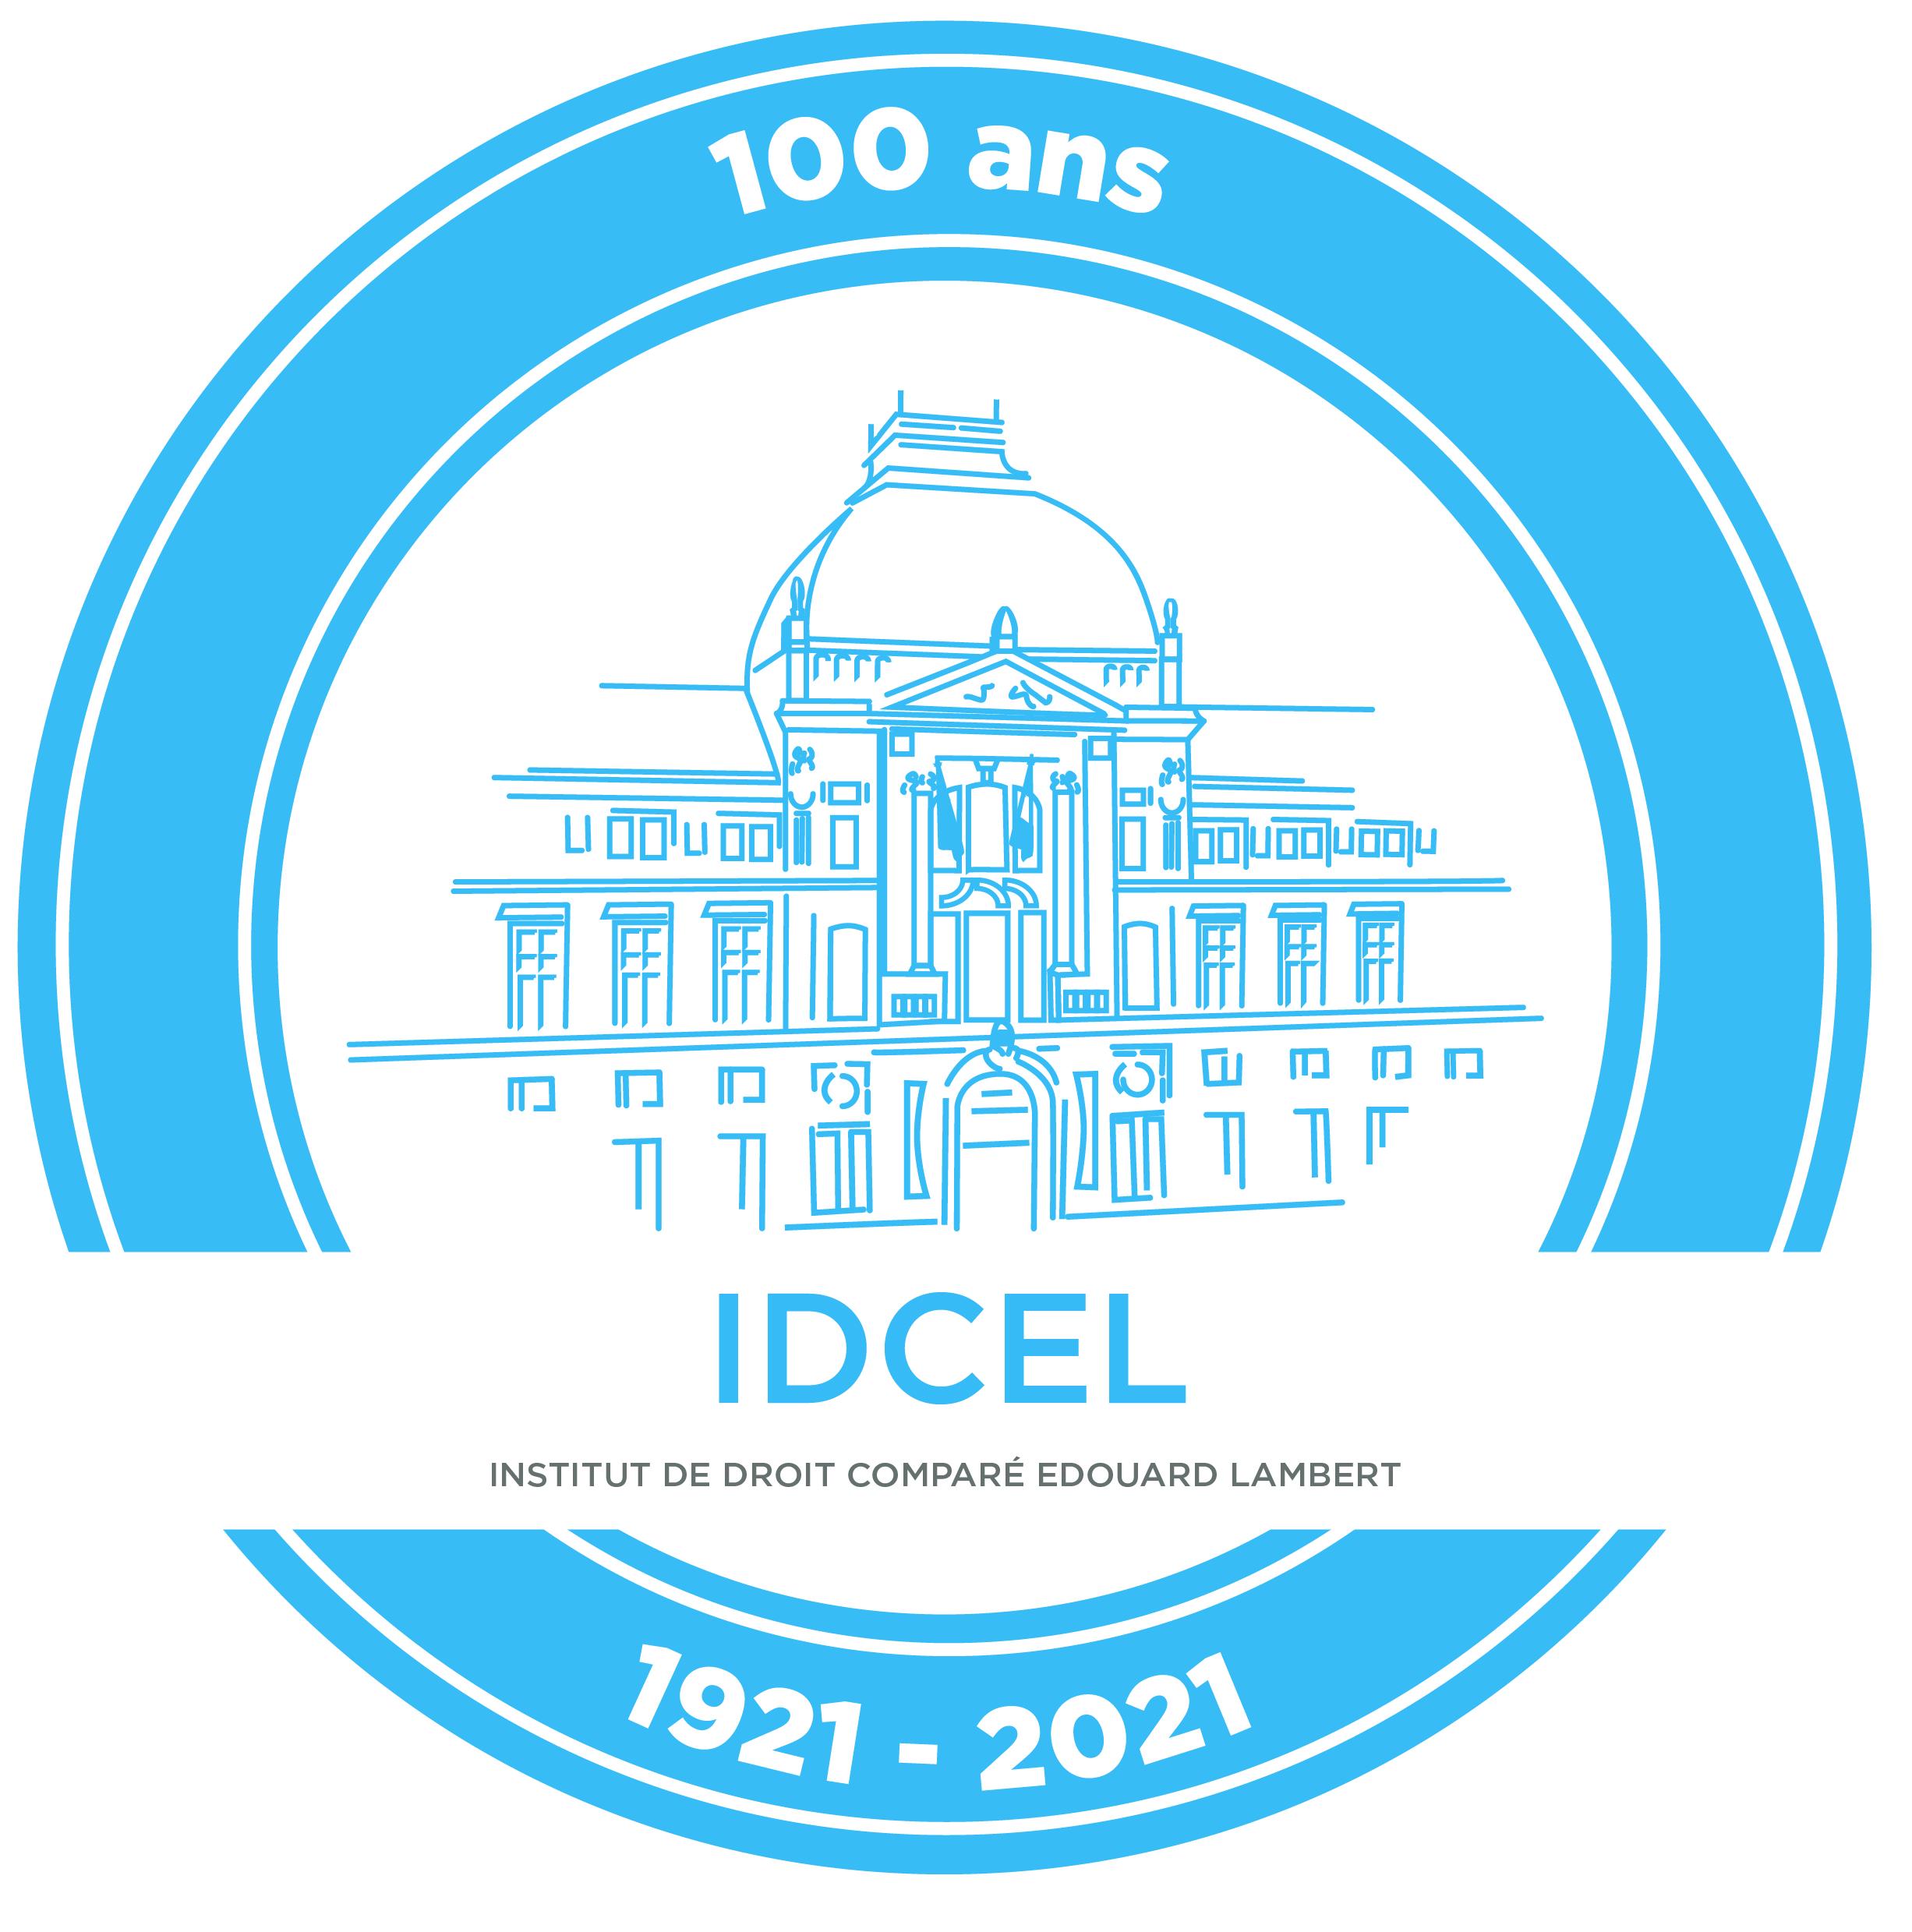 100 ans IDCEL